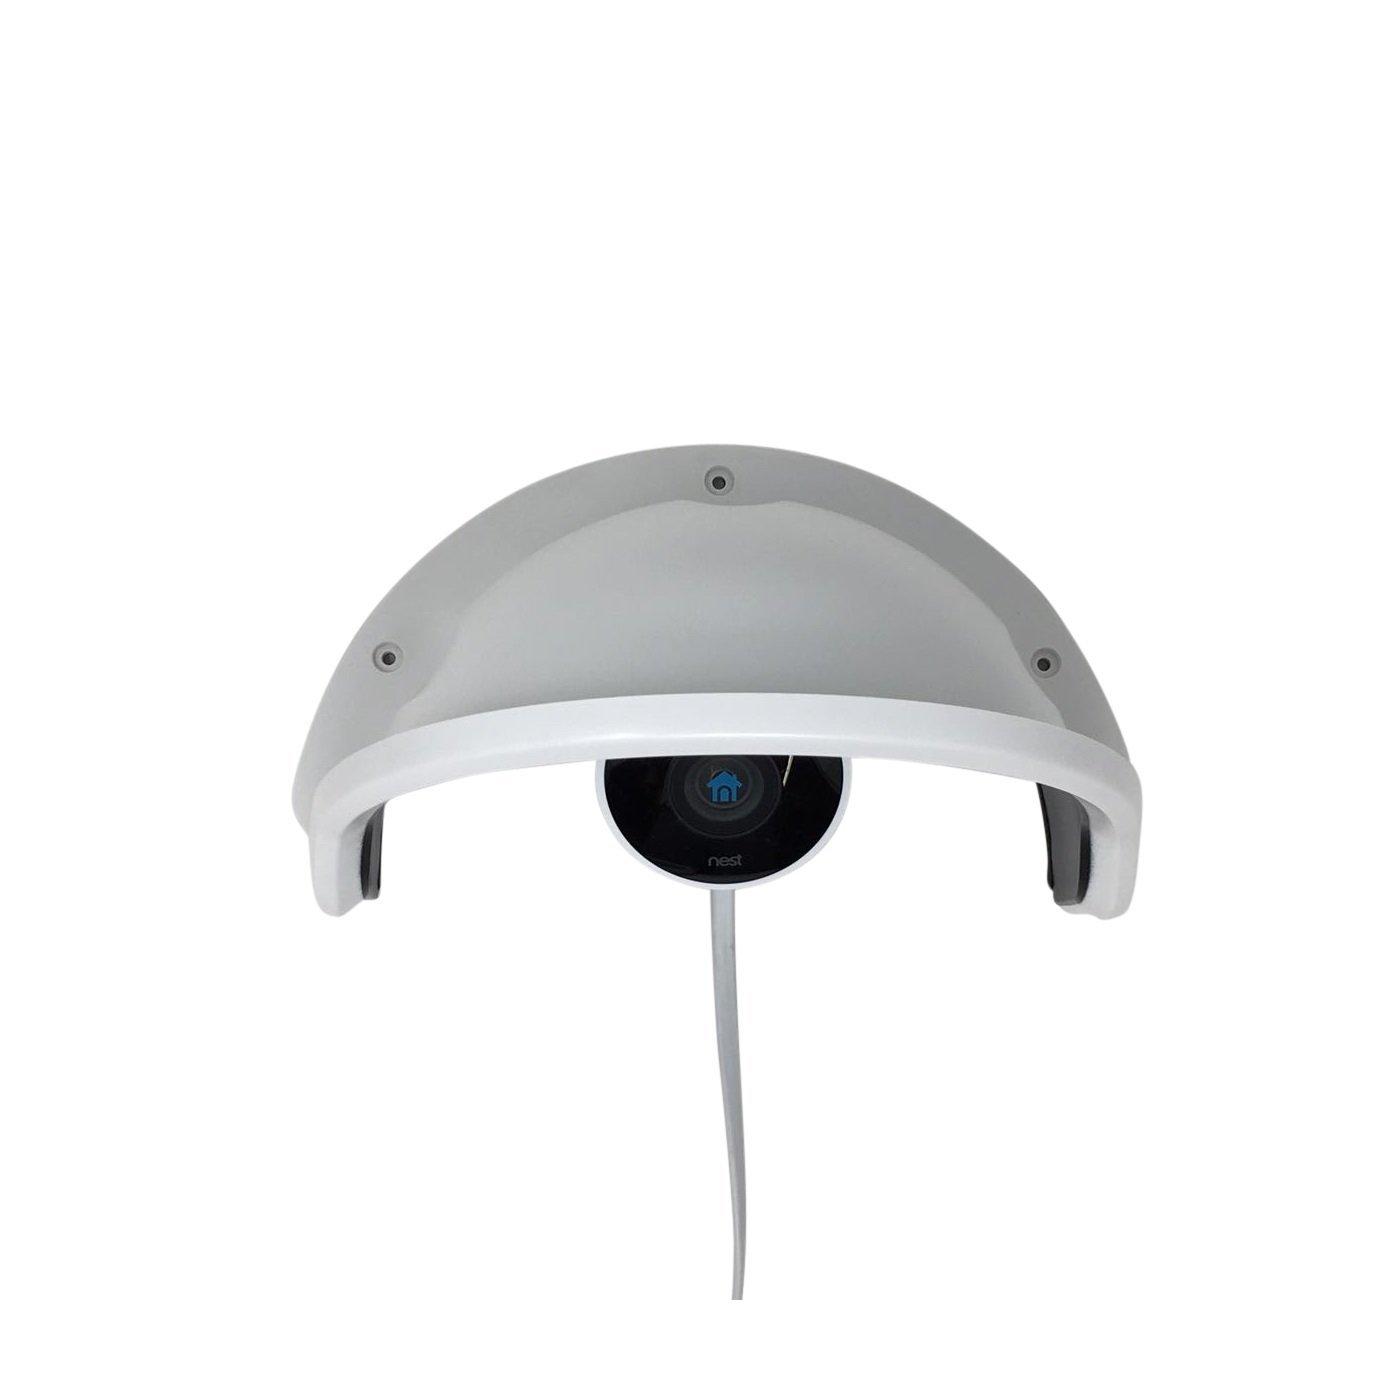 Kenuco Universal Sun Rain Shade Camera Cover Shield For Outdoor Nest Cam